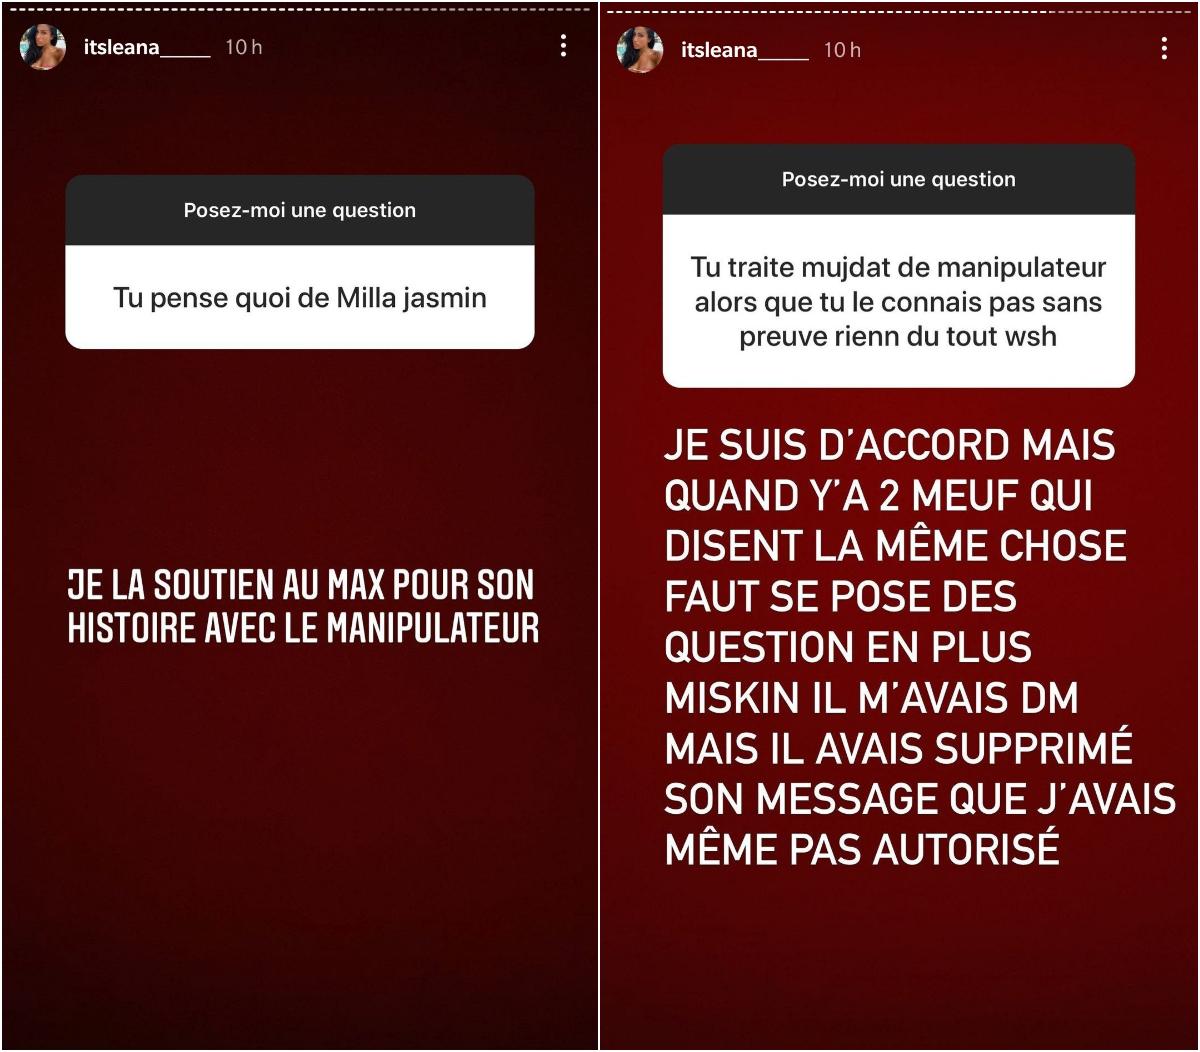 """Léana balance sur Mujdat Saglam : """"Il m'avait DM avant de supprimer son message"""""""